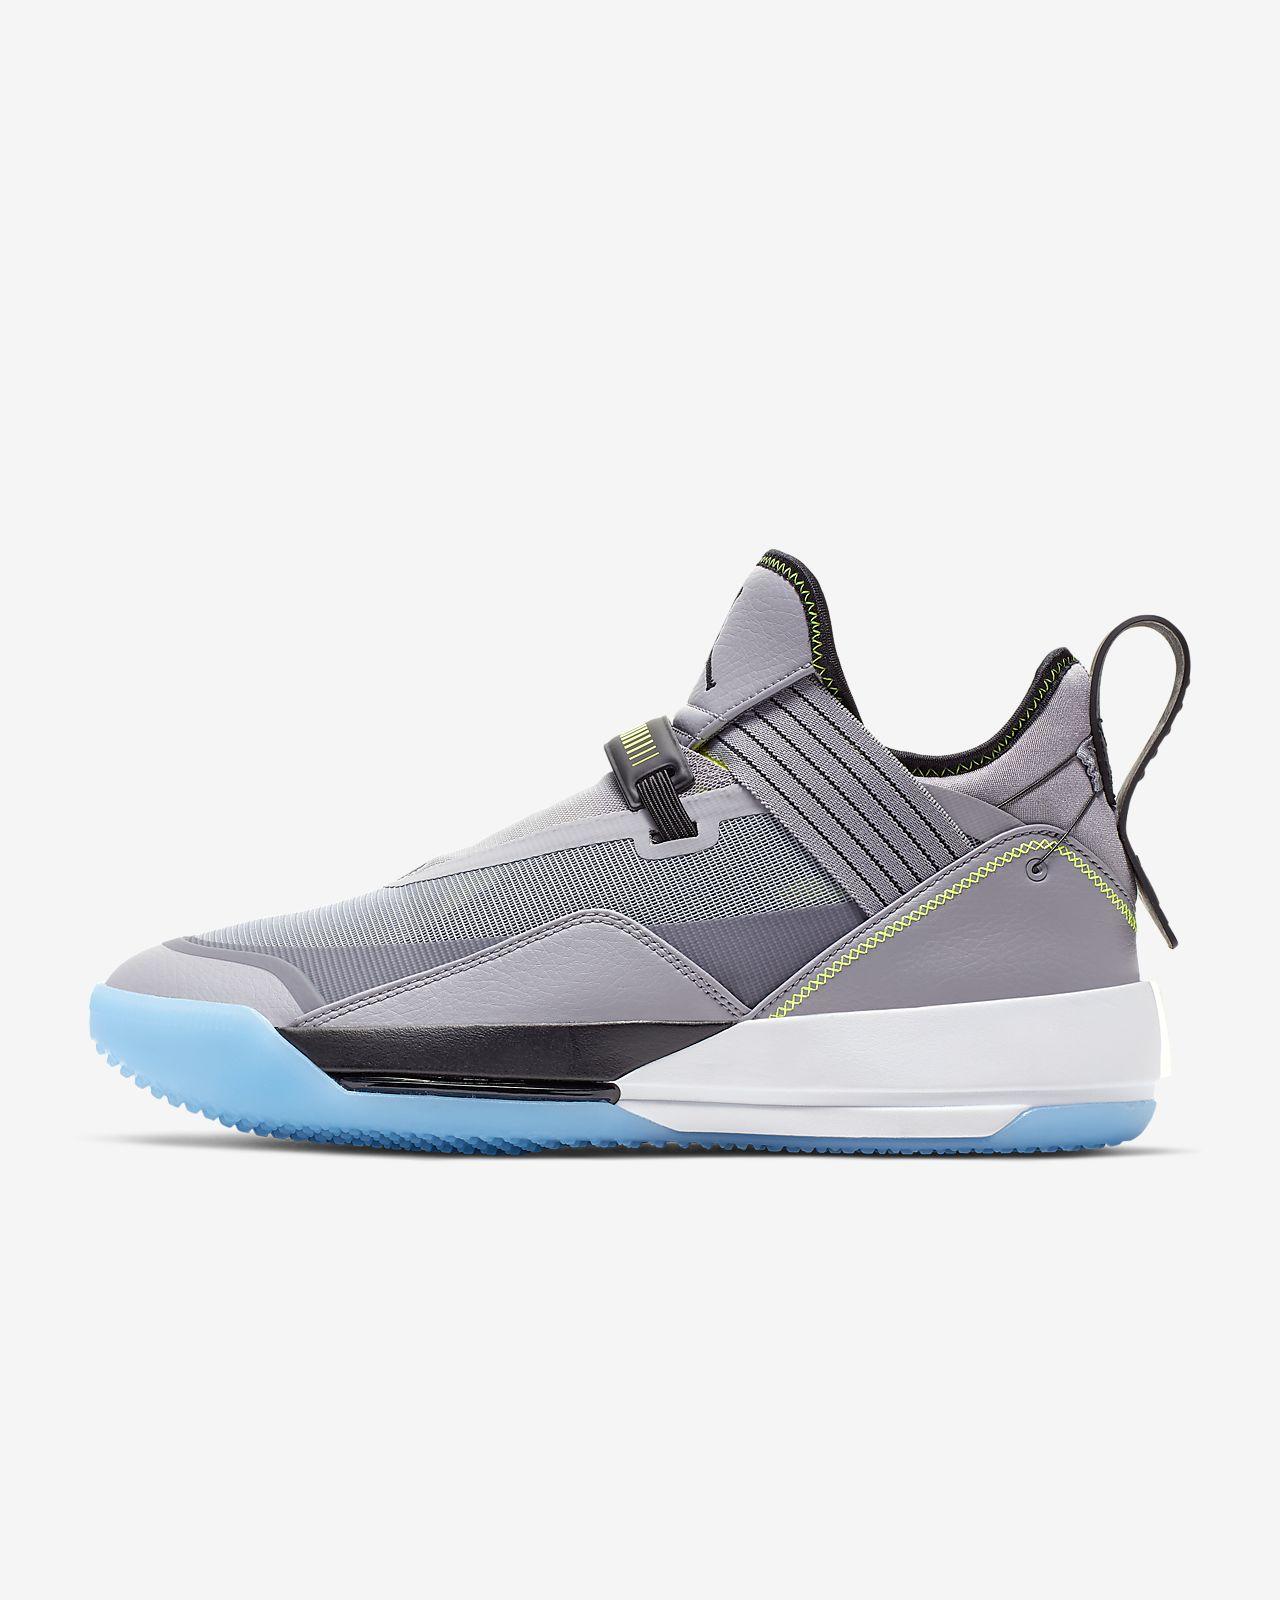 Air Jordan XXXIII SE PF男子篮球鞋